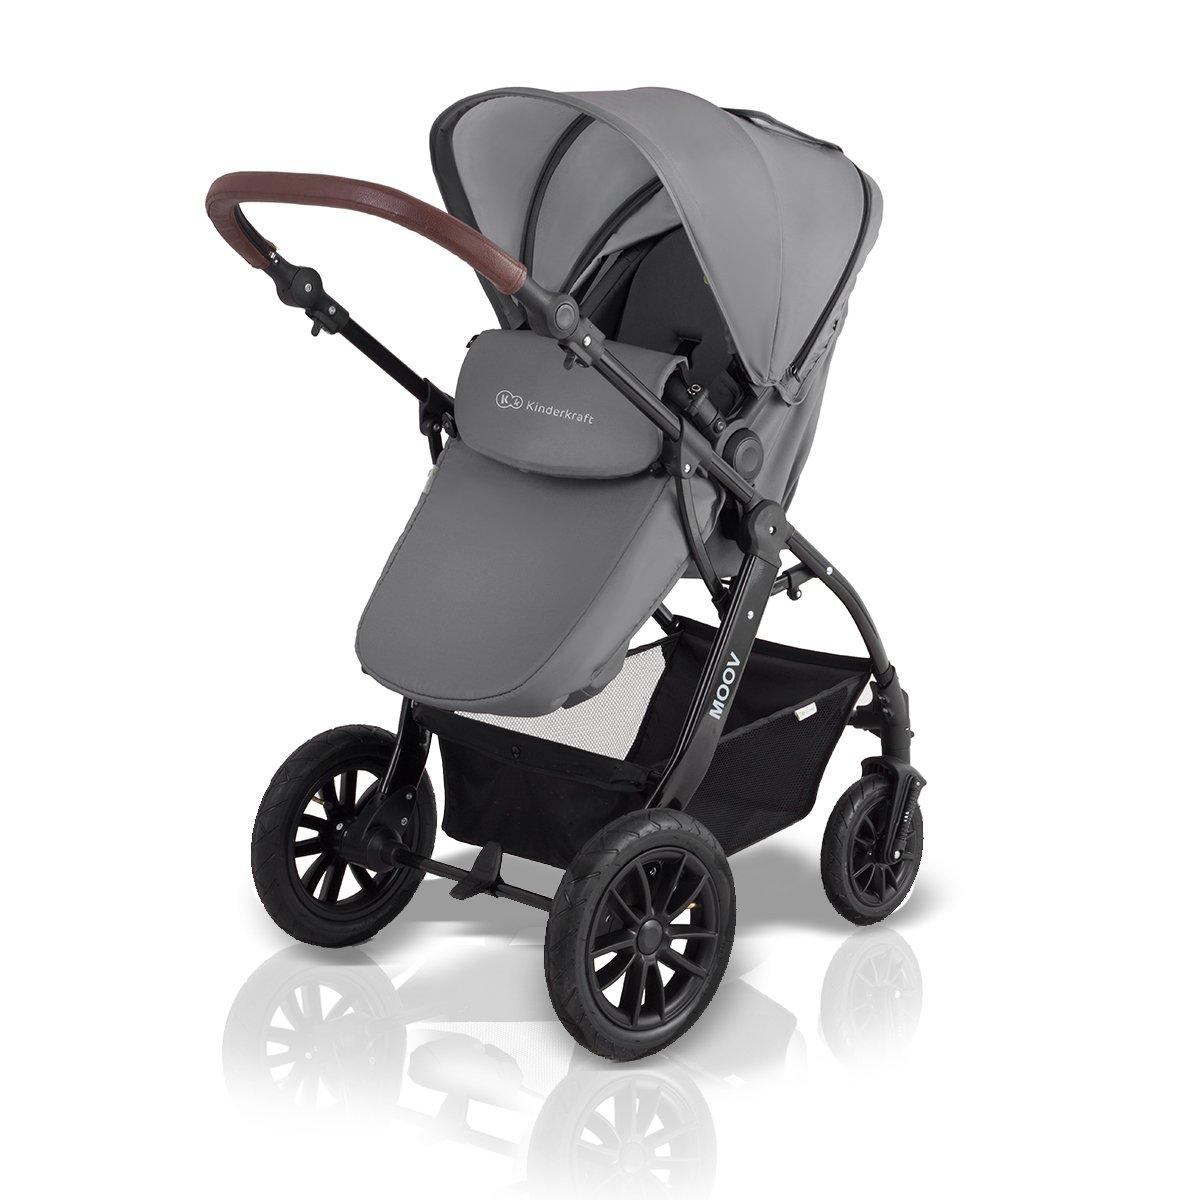 Günstige Kinderwagen: Die besten Modelle bis 300 Euro